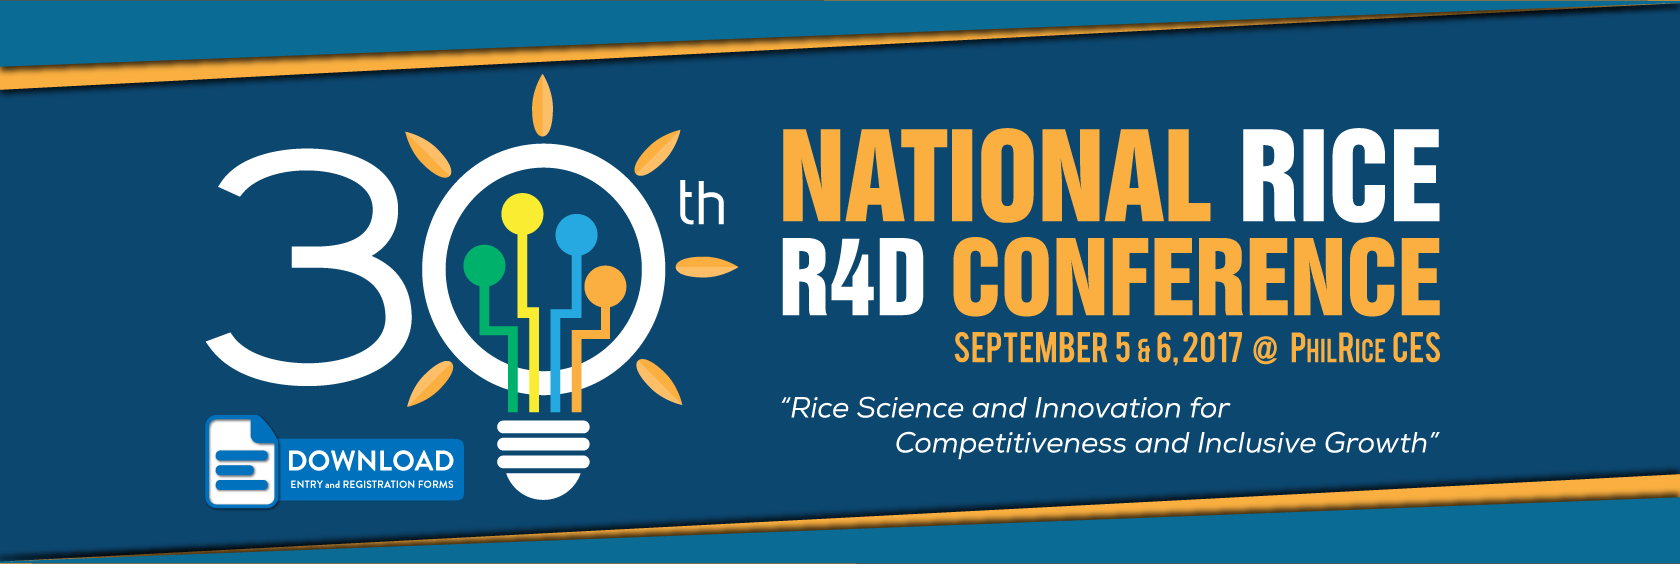 RnD conference